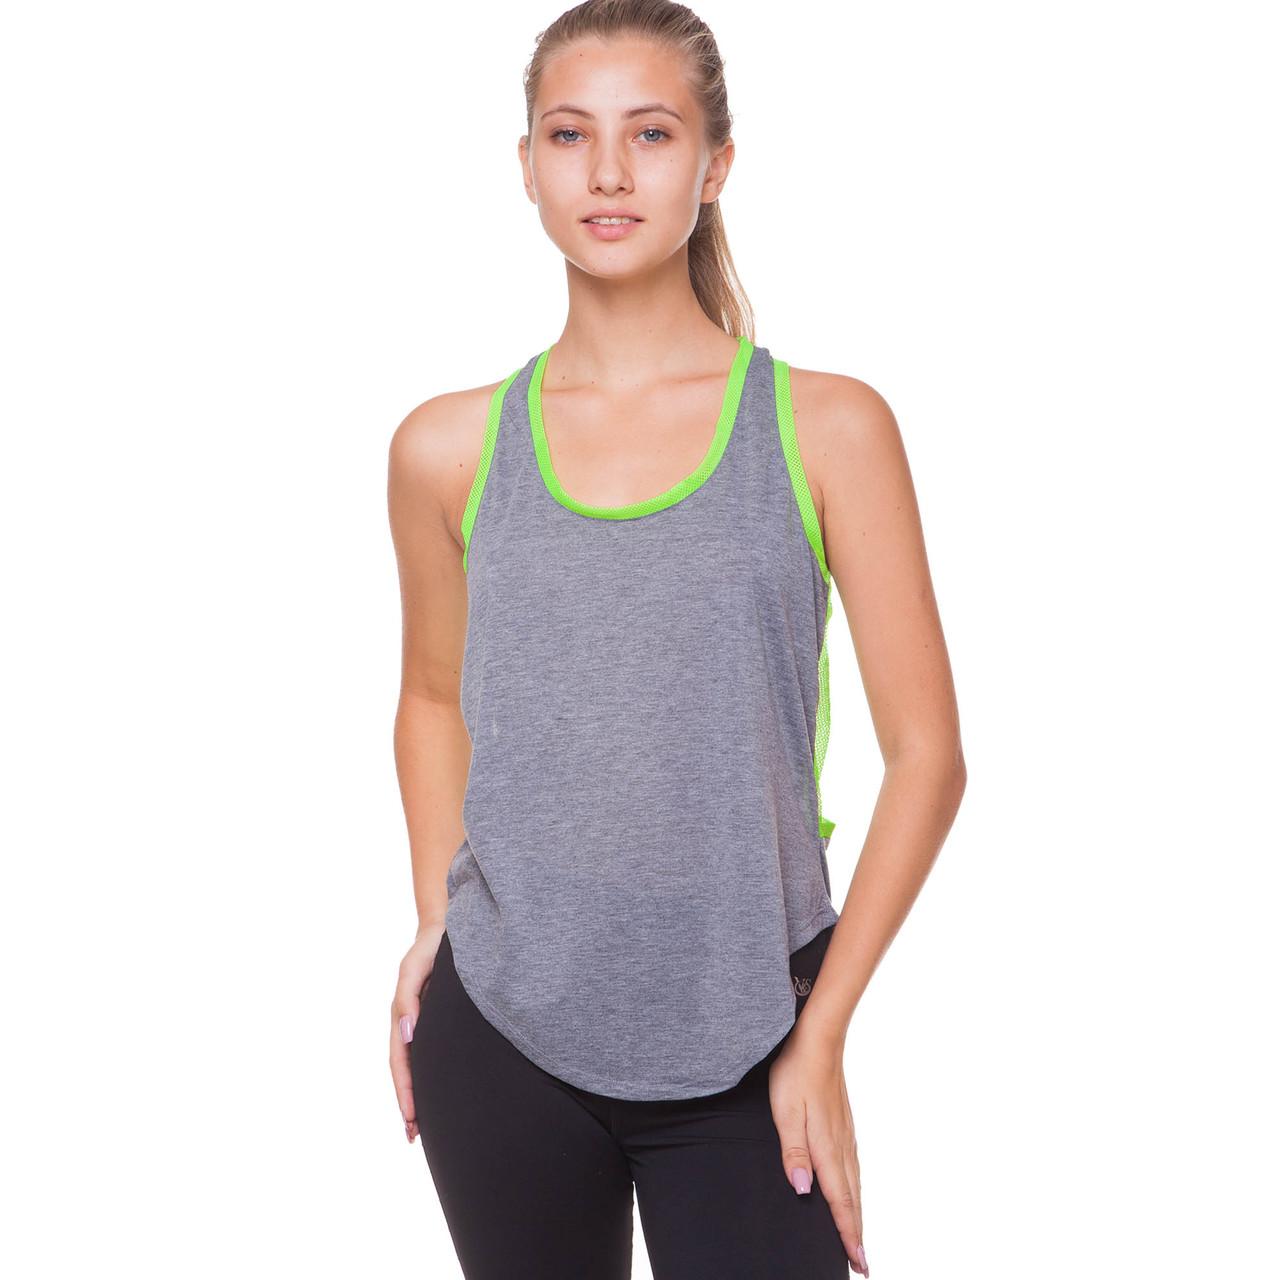 Майка для фитнеса и йоги Domino Sport размер M-L-40-48 Серый-салатовый M (40-44) PZ-CO-9006_1